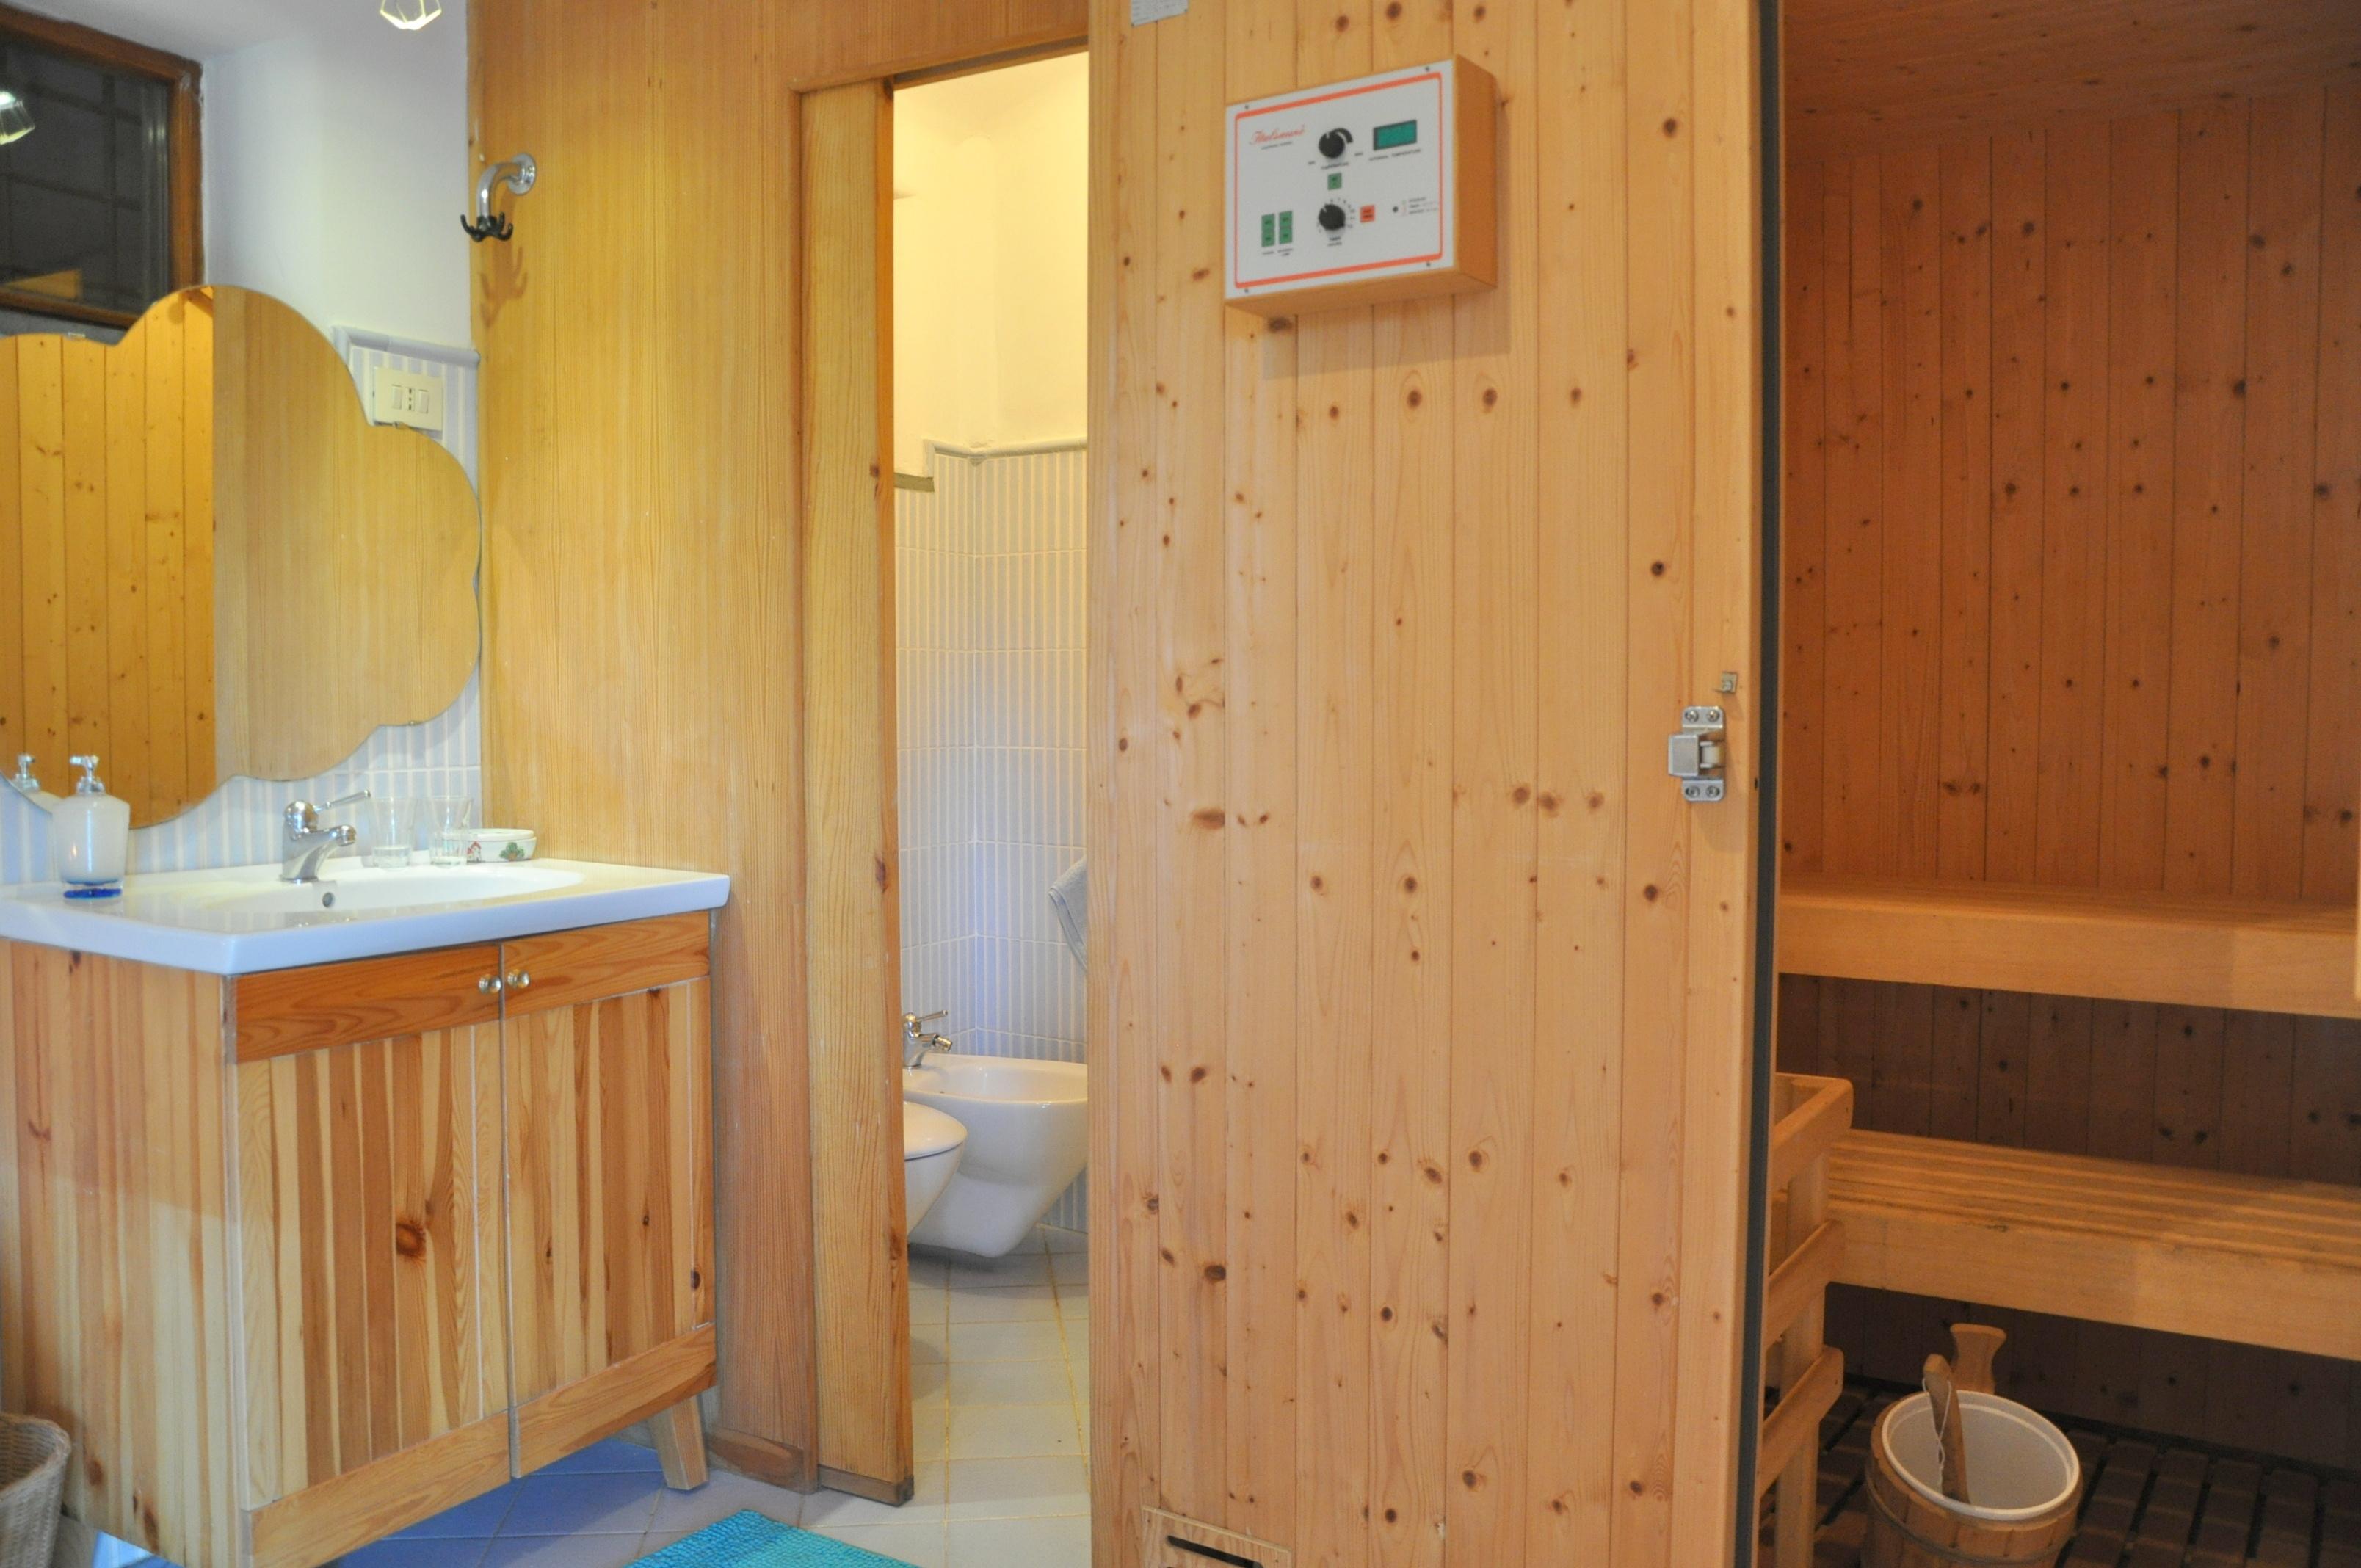 Gallery of bagno con sauna with sauna in casa prezzi - Costo sauna in casa ...